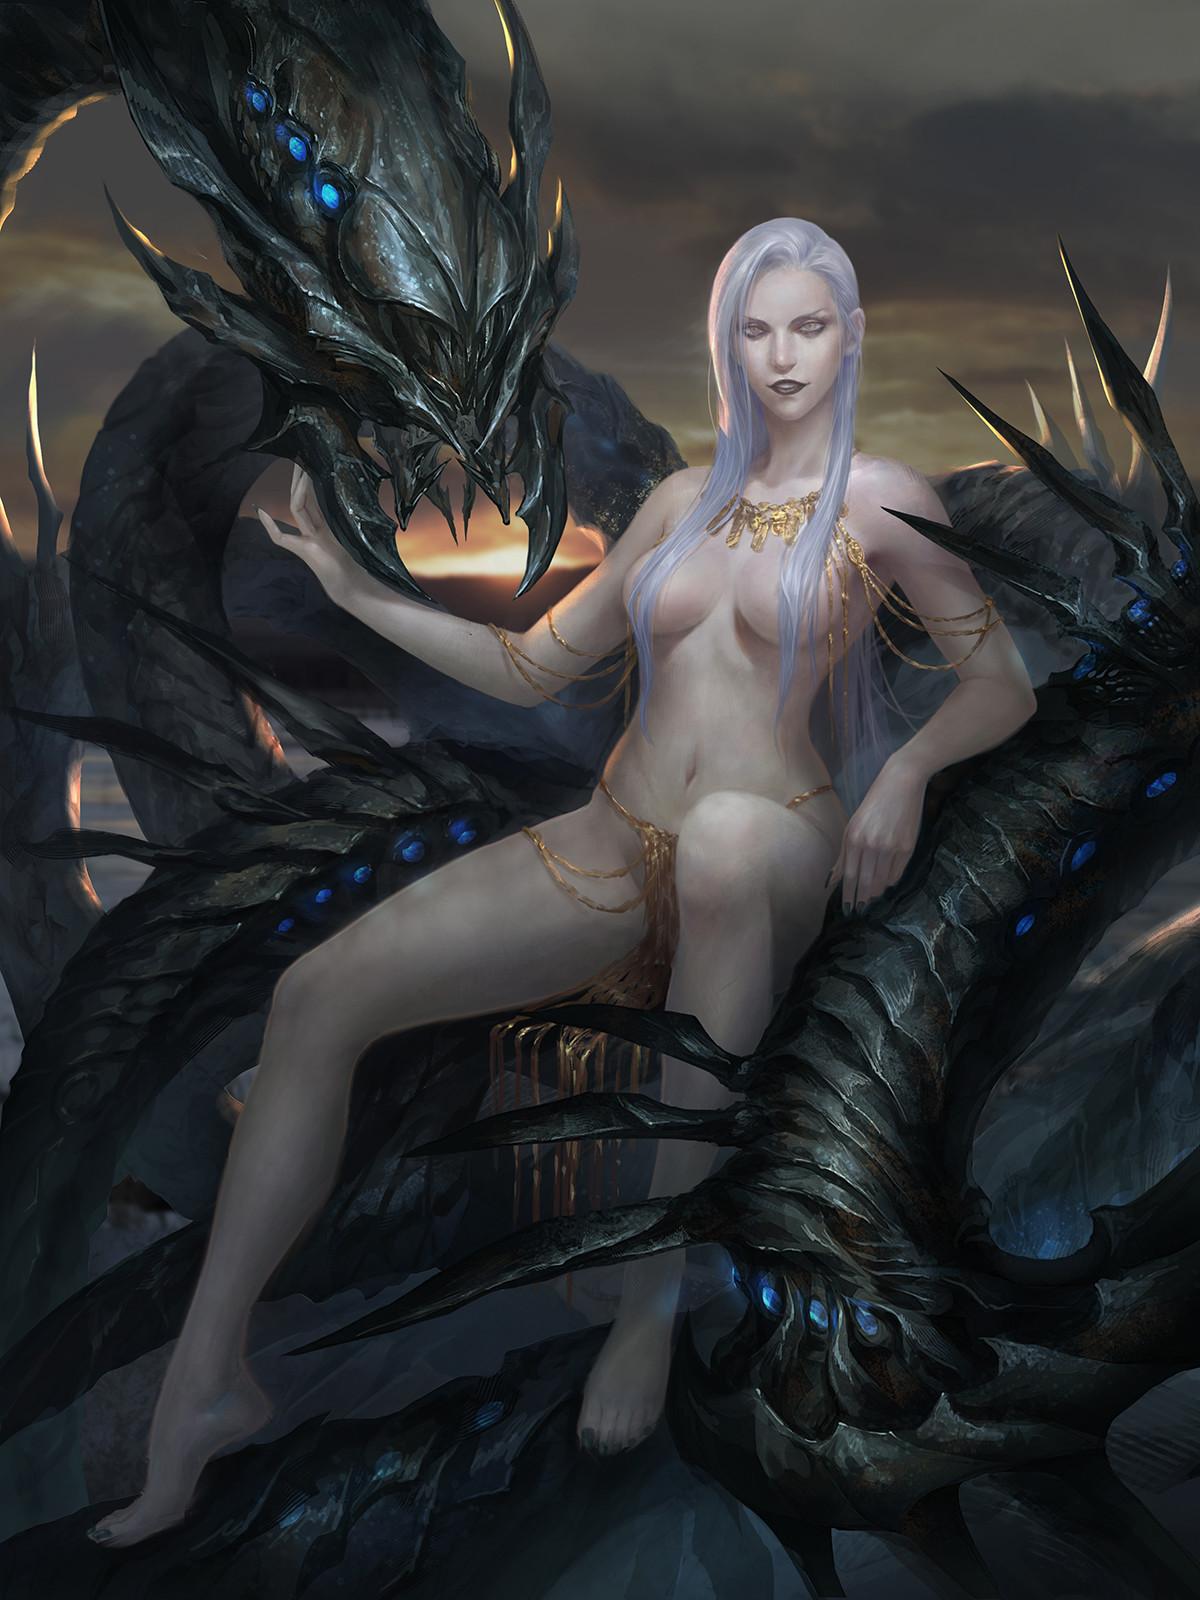 Порно с мифическими созданиями